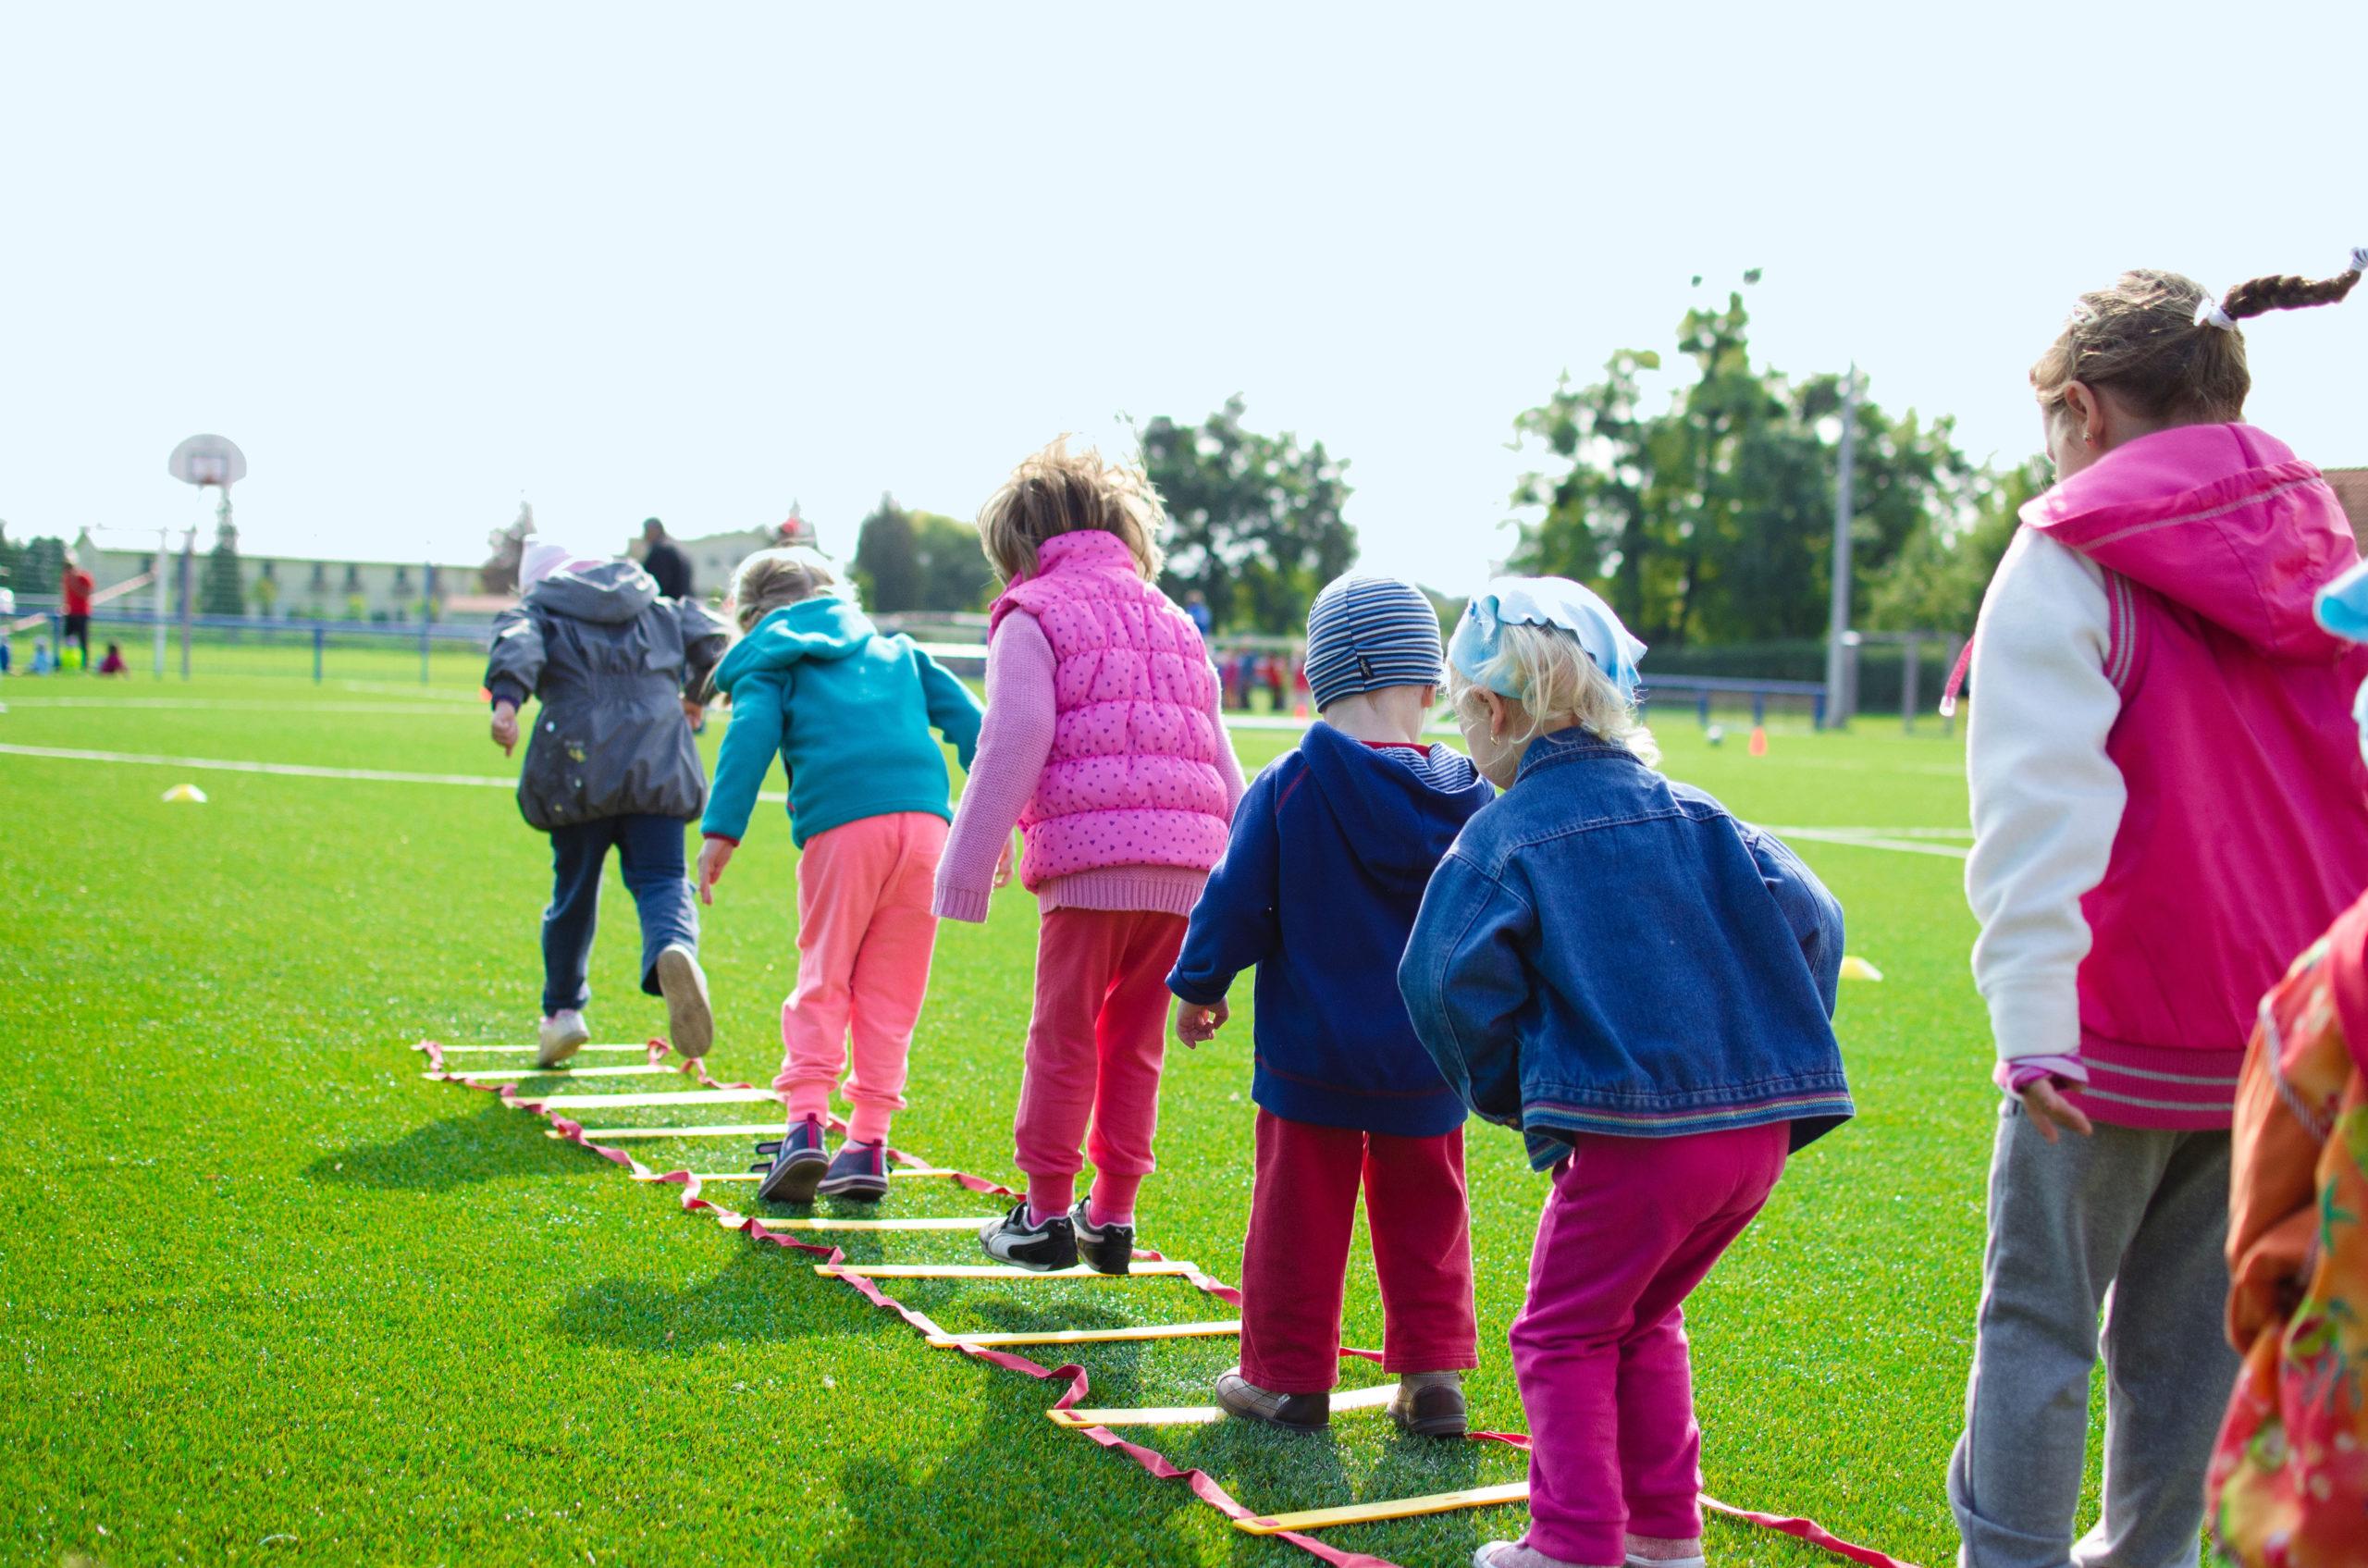 Детский сад иначальная школа: успешное взаимодействие